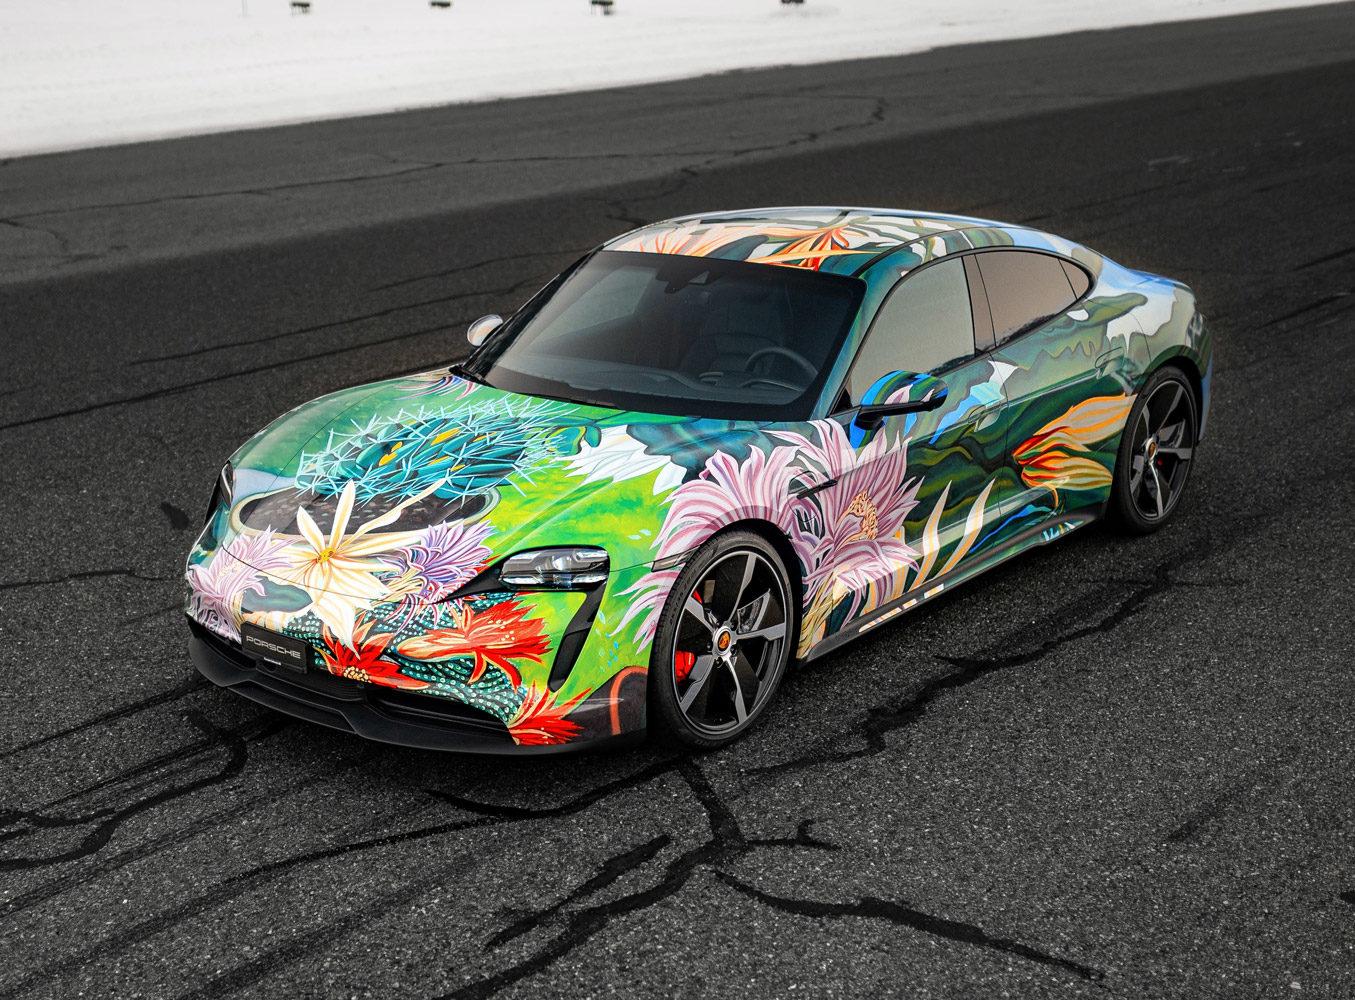 Taycan Art Car by Richard Phillips für einen guten Zweck